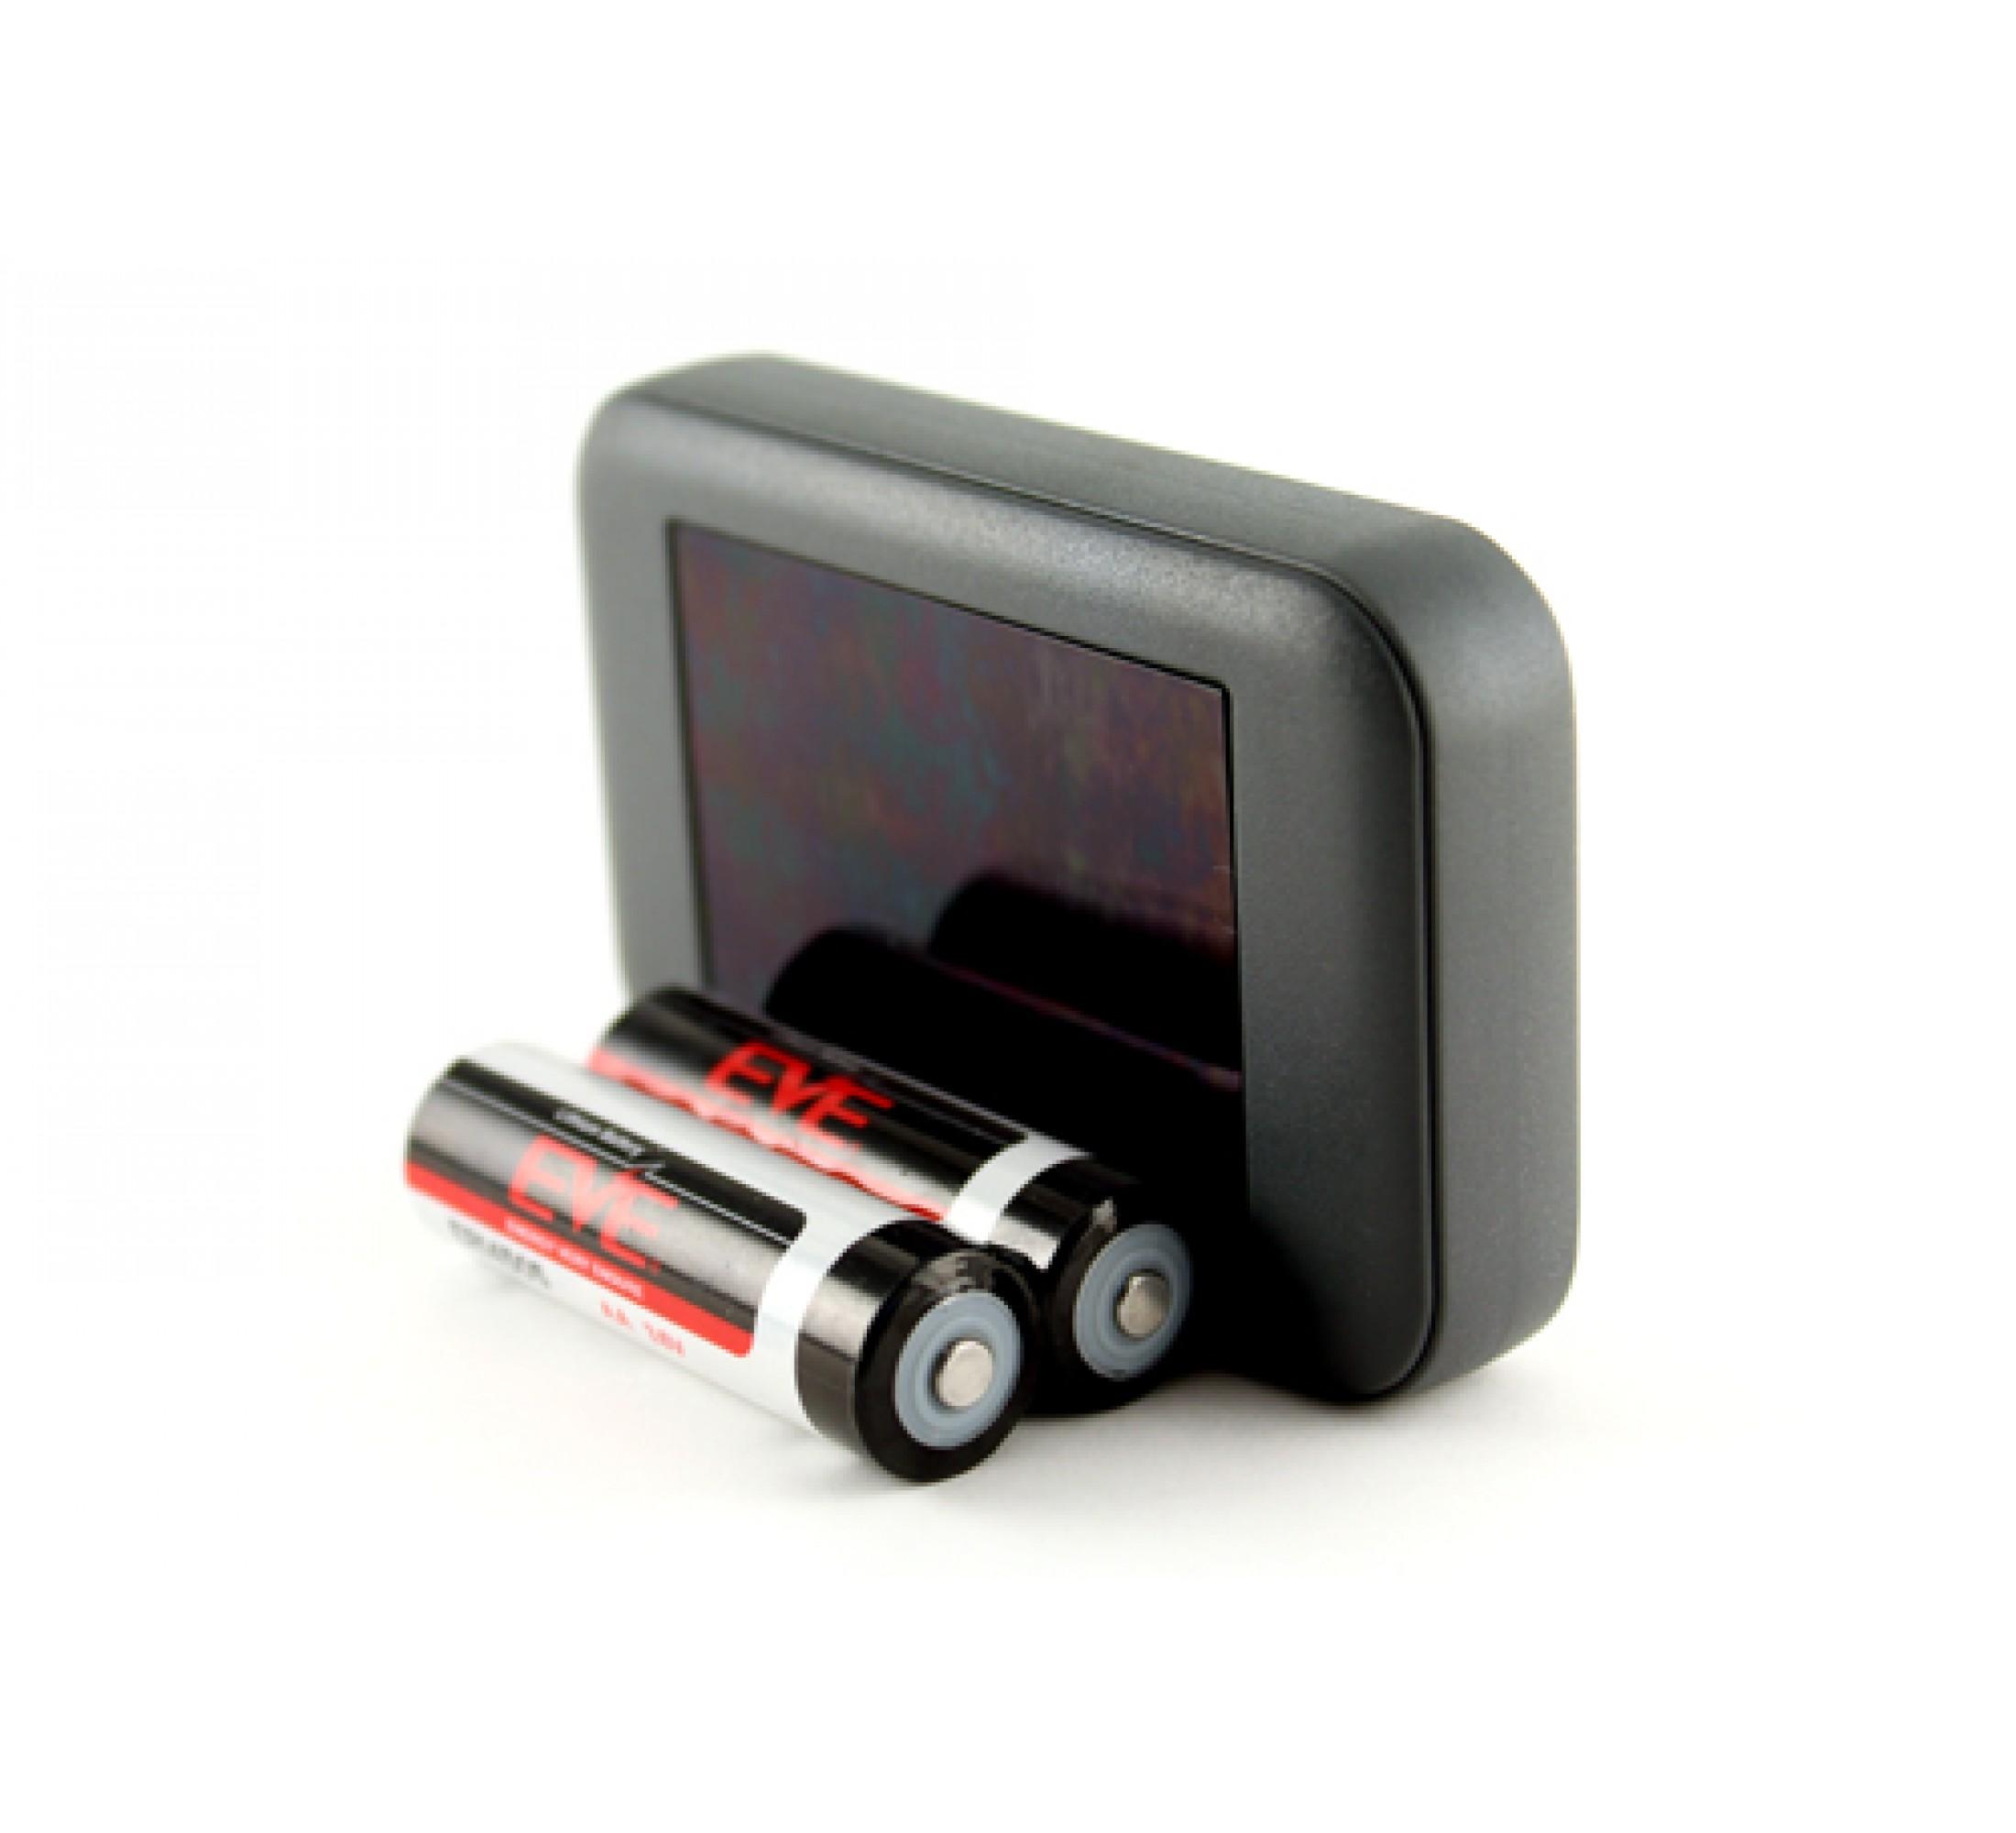 Счетчик посетителей радиоканальный. Сенсоры RCount, USB модем сбора данных, ПО,  кронштейны, Графит